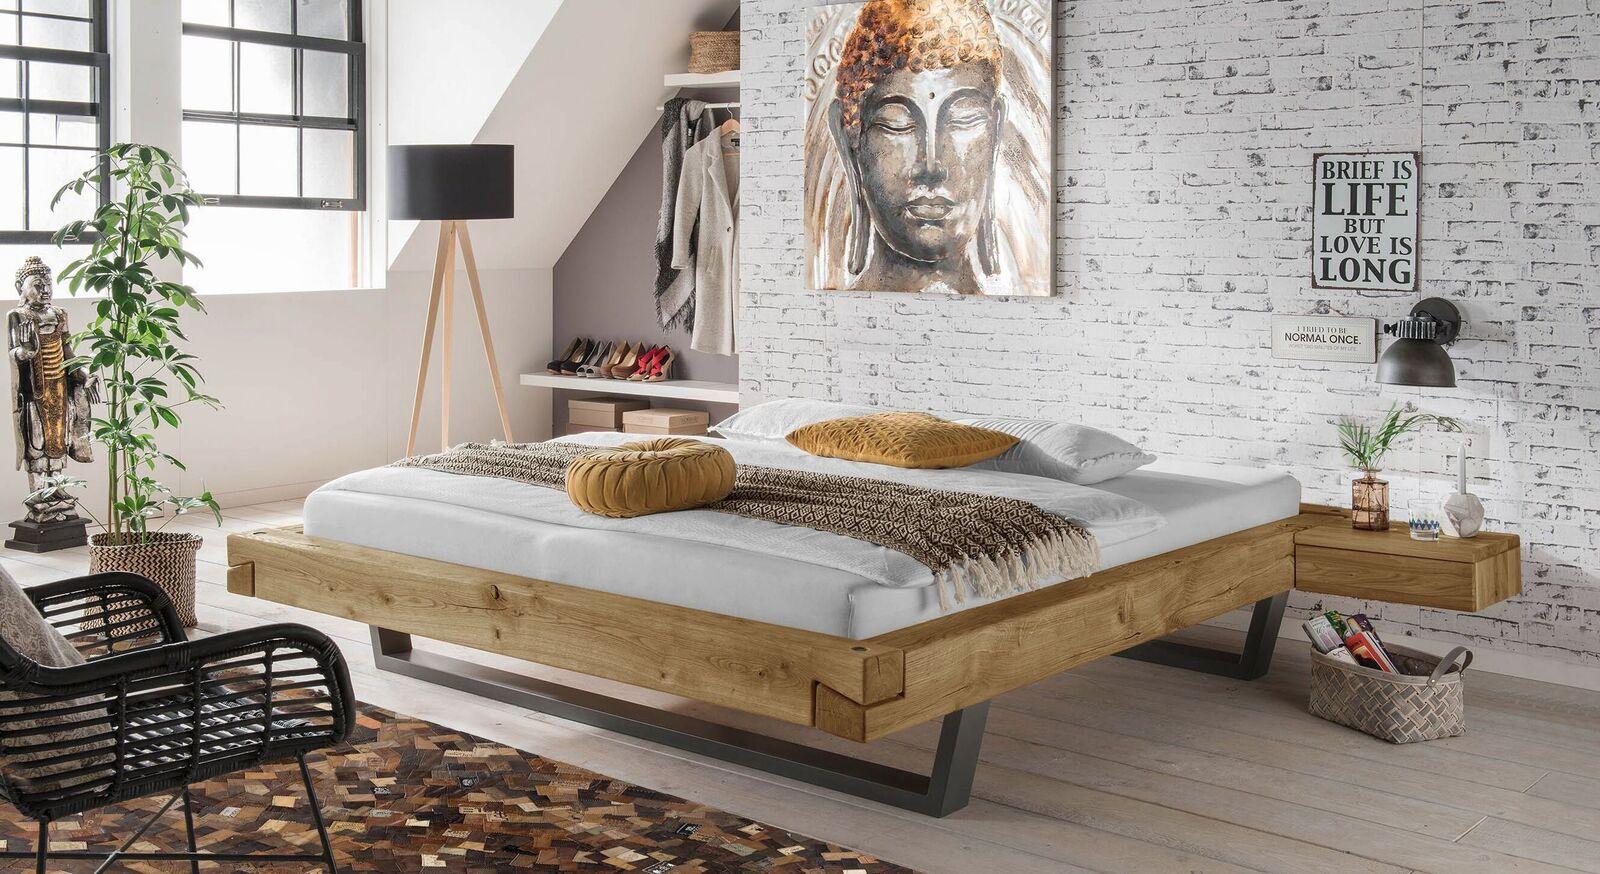 Liege Arsos mit passenden Schlafzimmer Accessoires